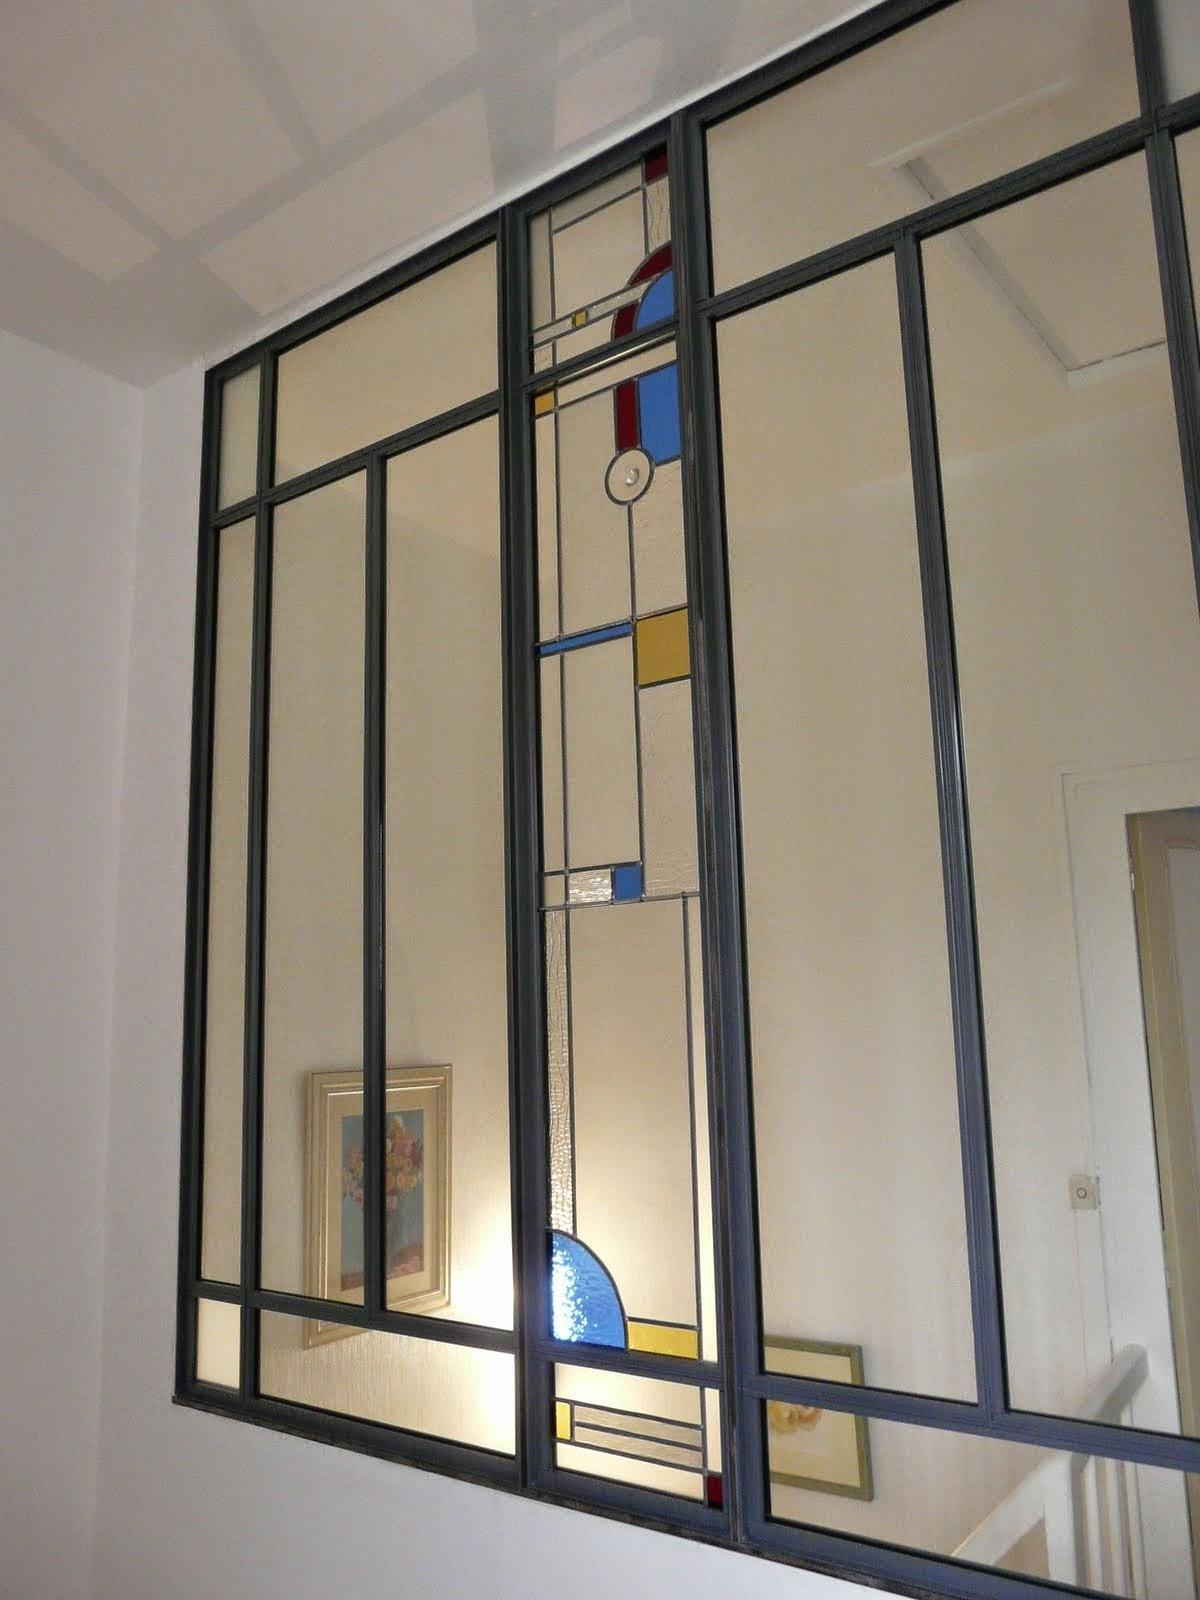 des id es en verre vitraux art d co dans une verri re. Black Bedroom Furniture Sets. Home Design Ideas